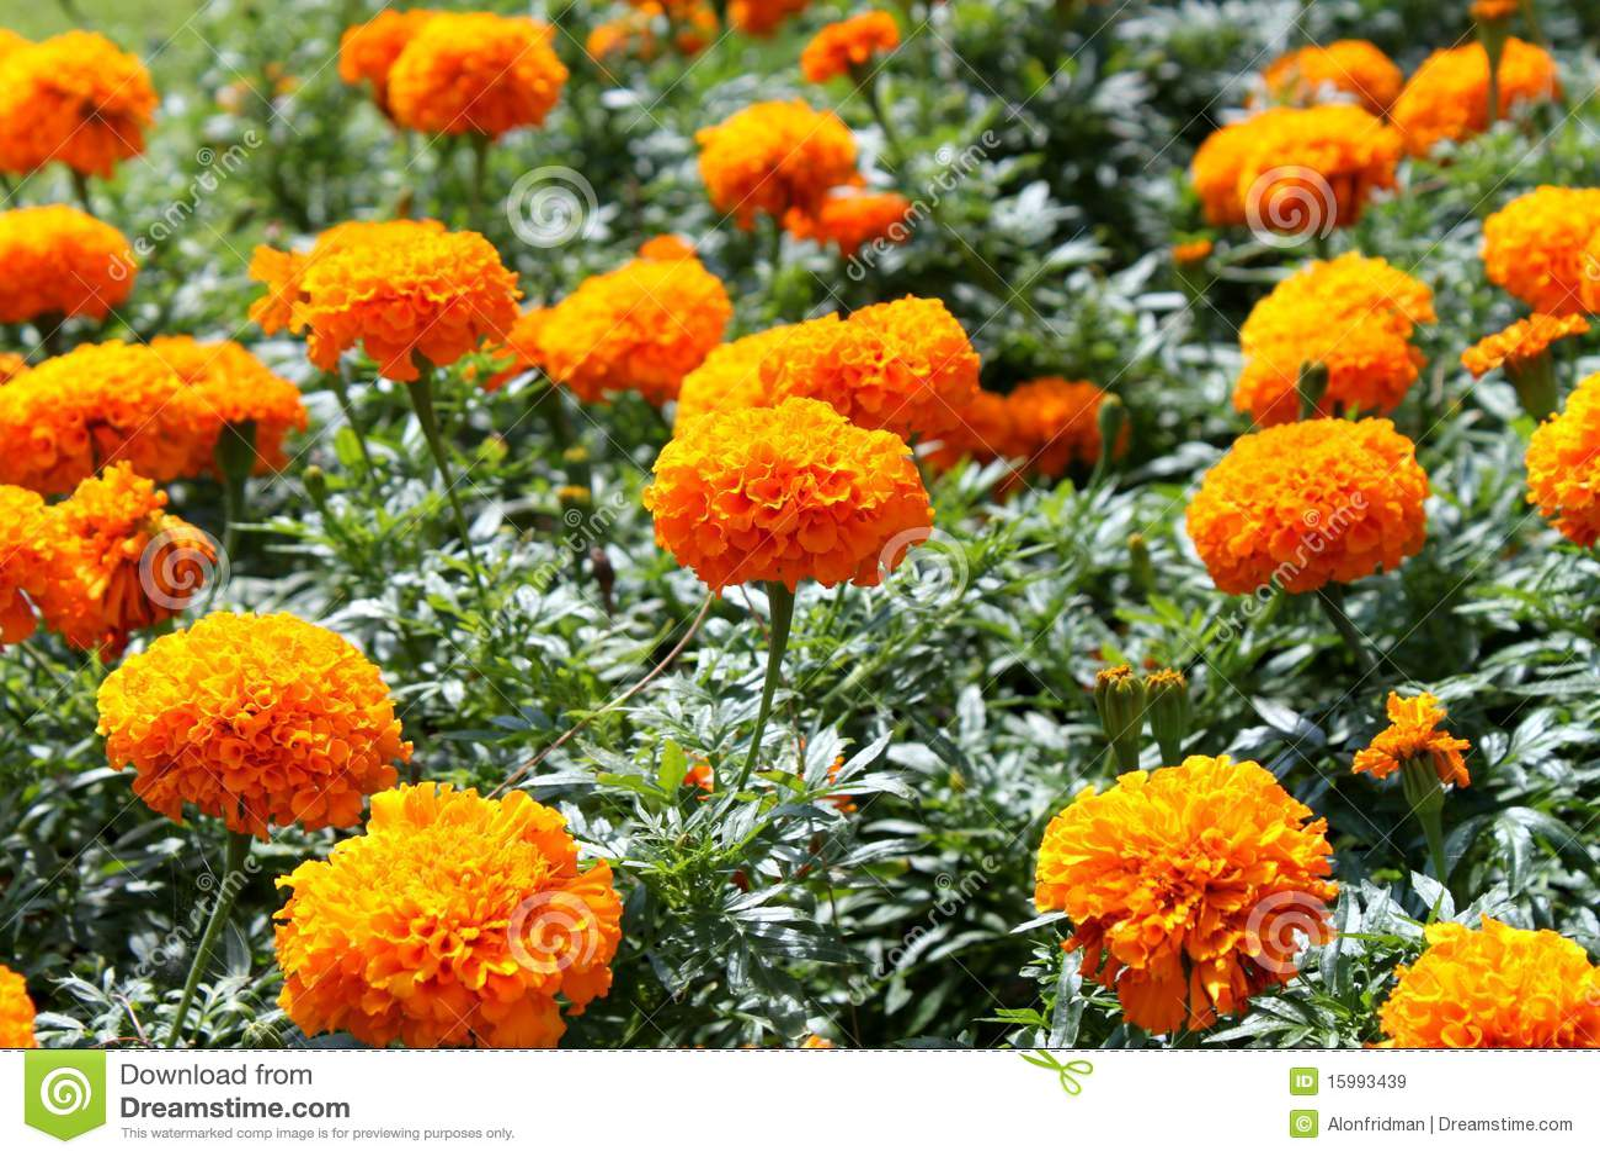 Fiori Arancioni Nomi.Orange Flowers Stock Image Image Of Nature Flowers 15993439